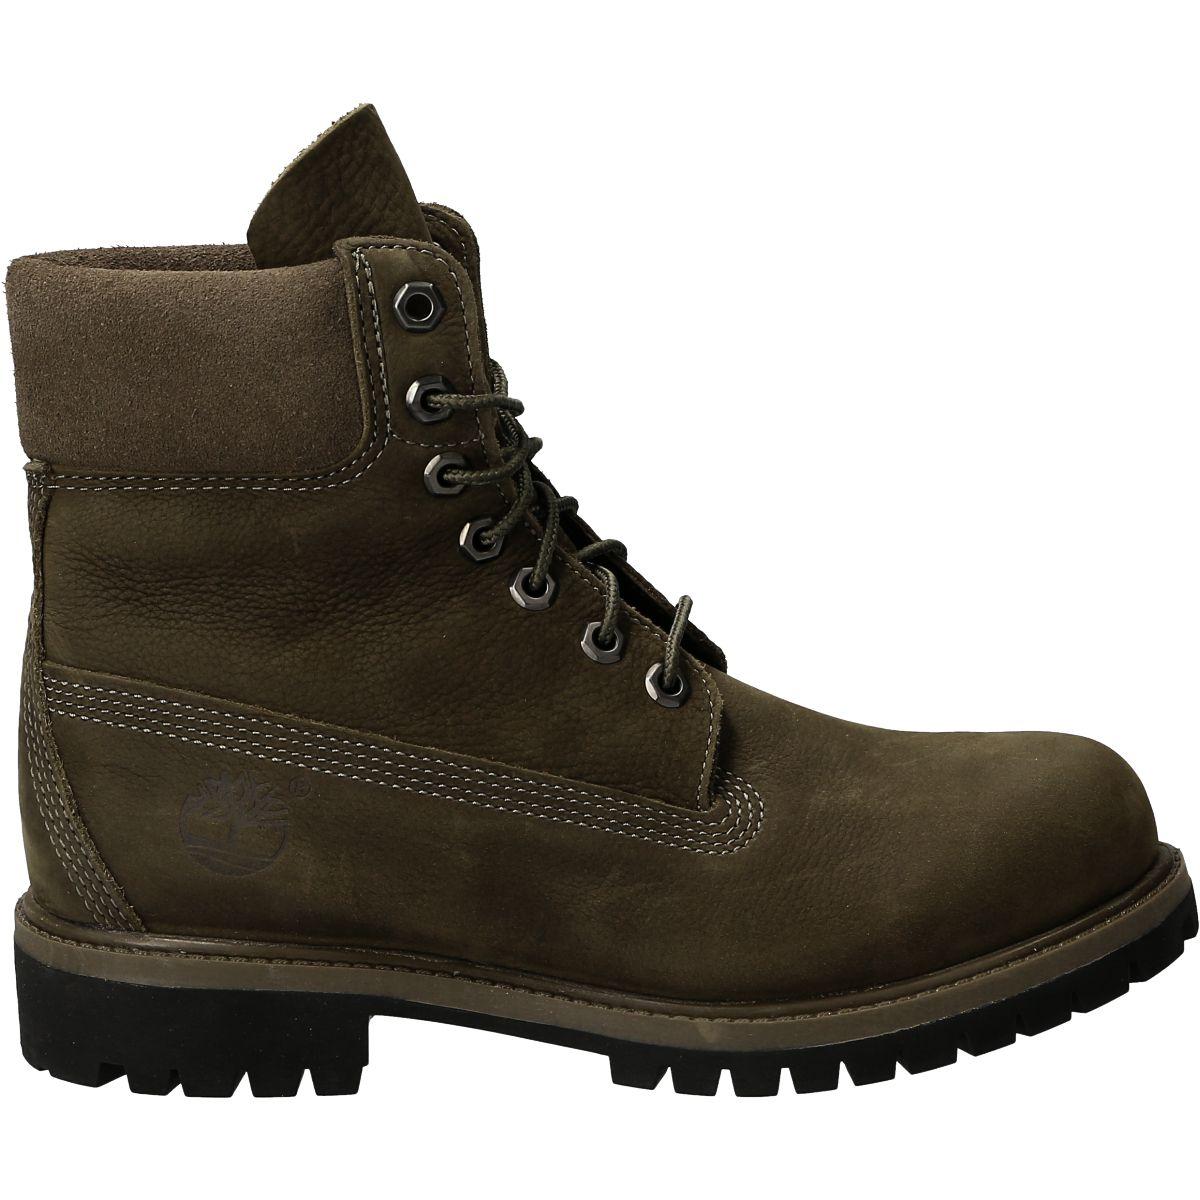 Herren Schuhe von Timberland: bis zu −65% | Stylight